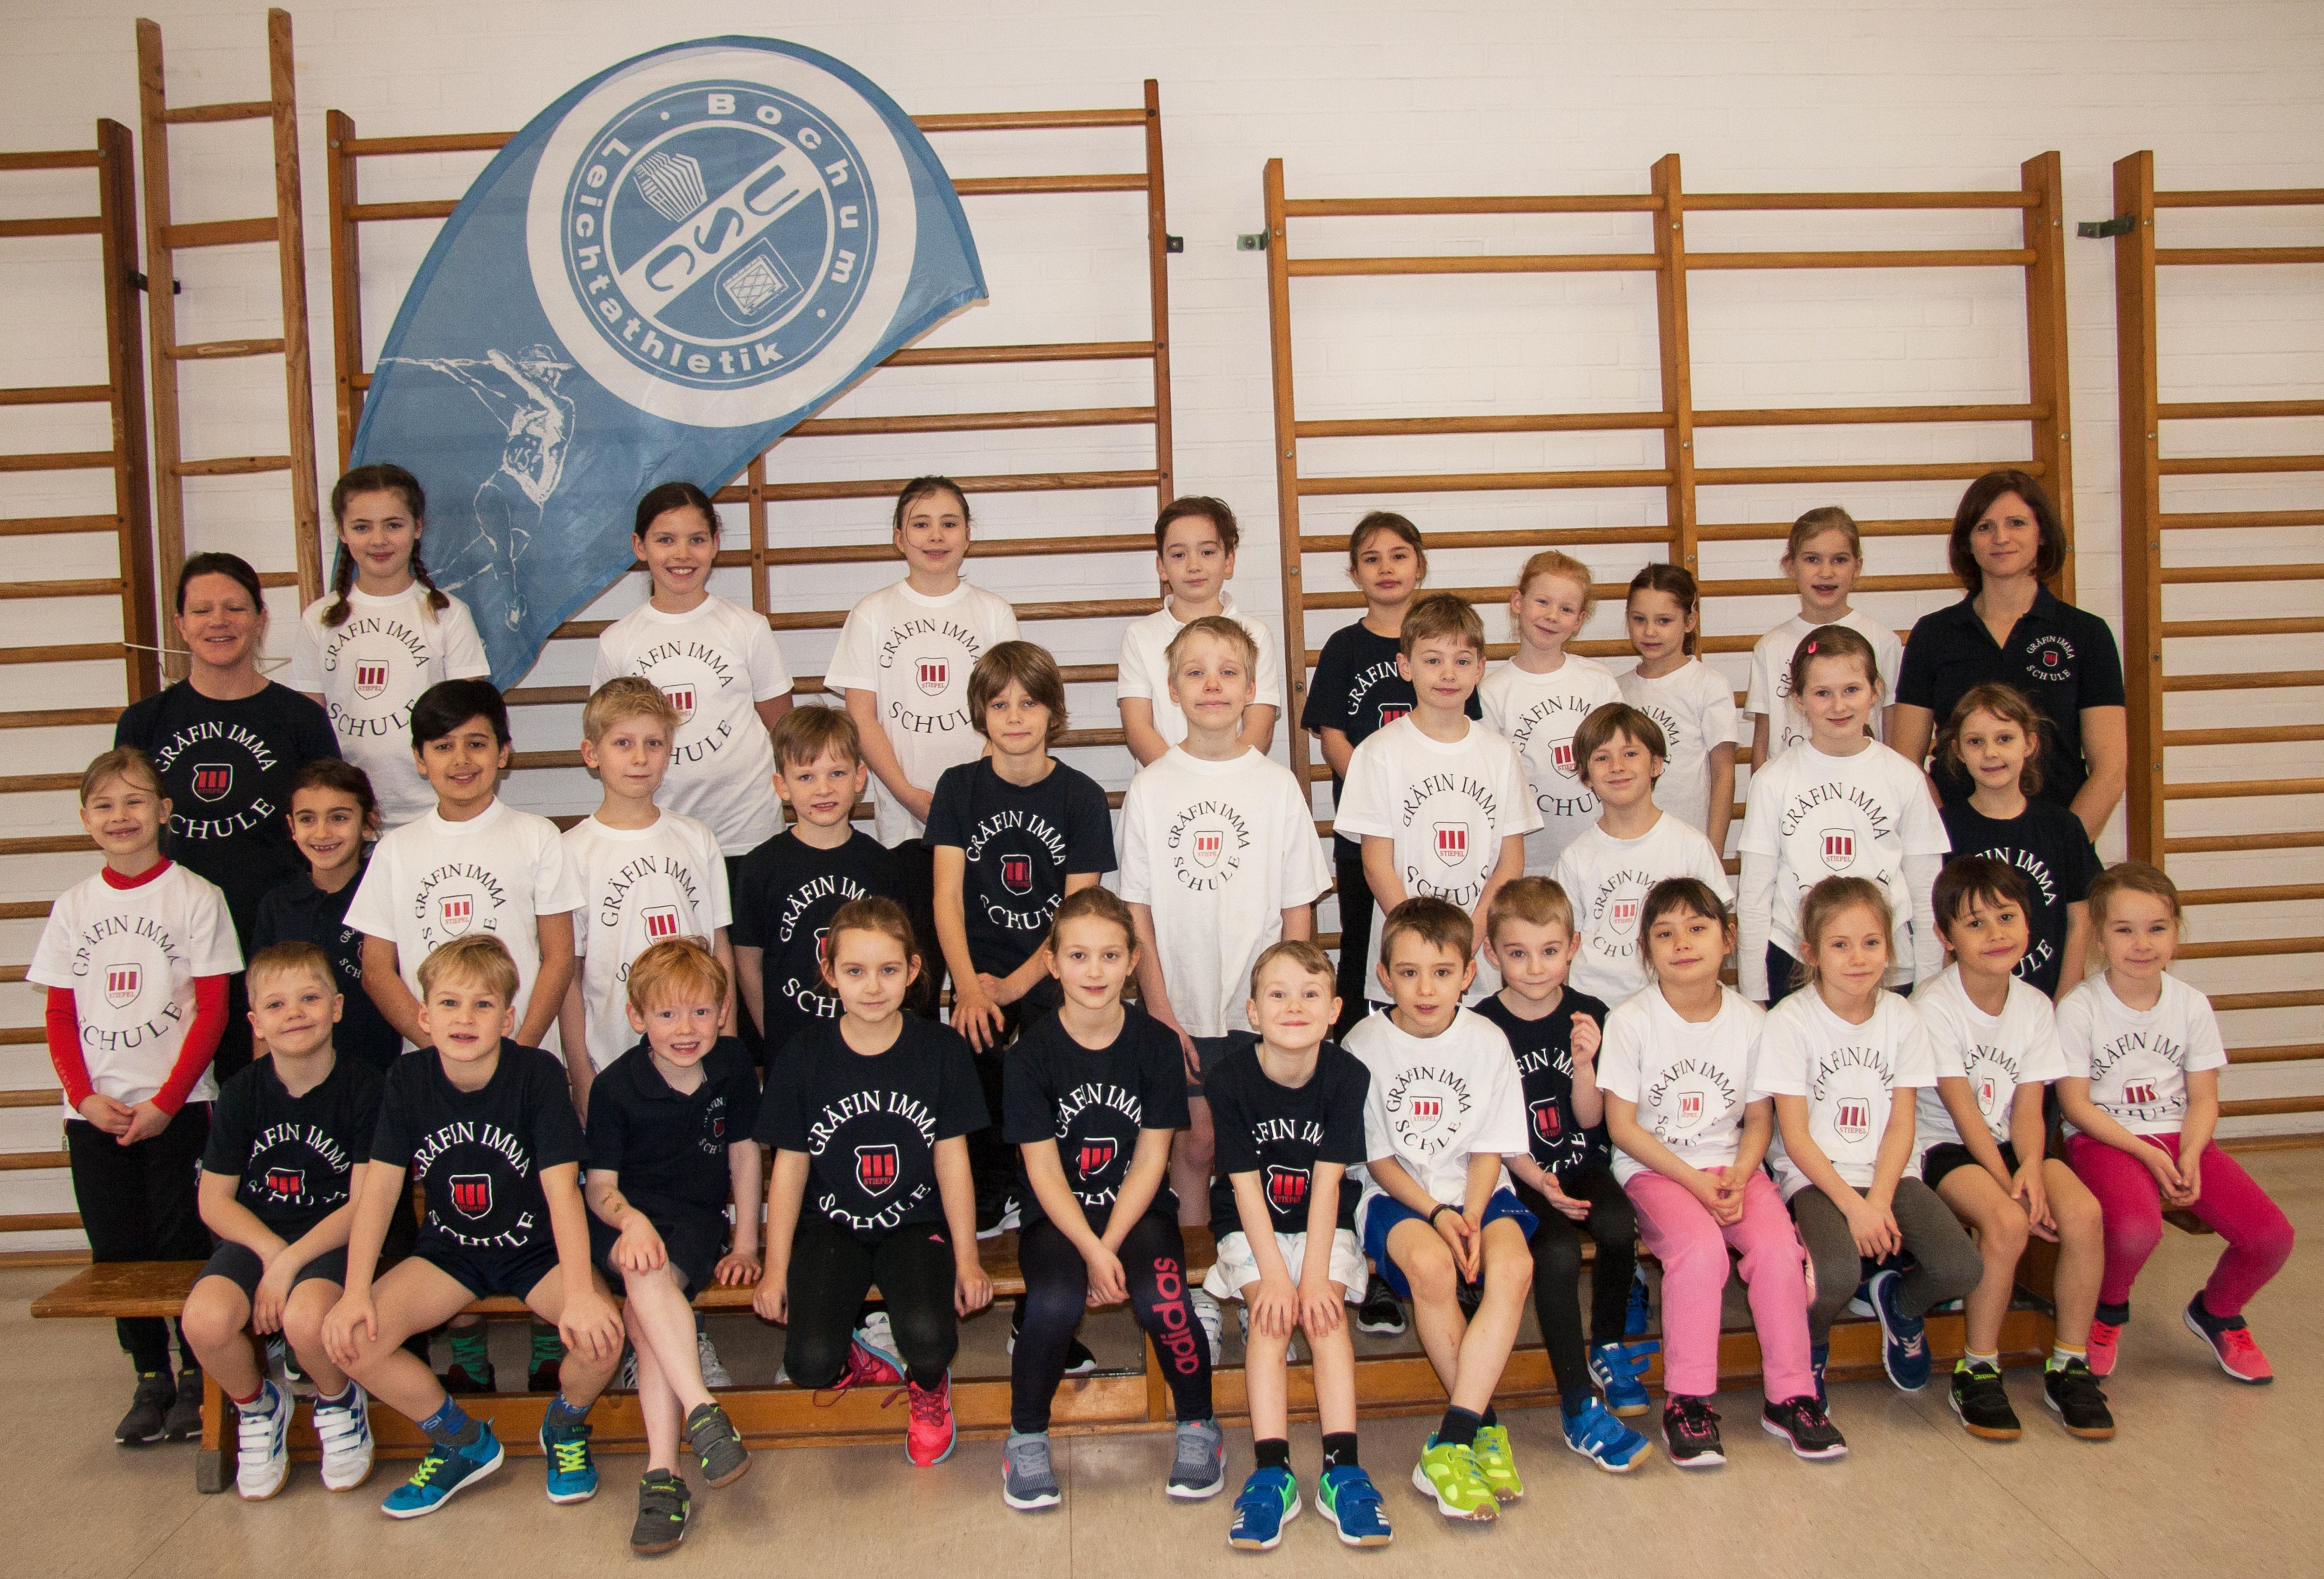 Gräfin-Imma-Schule- M- f-2019-03-16--7636